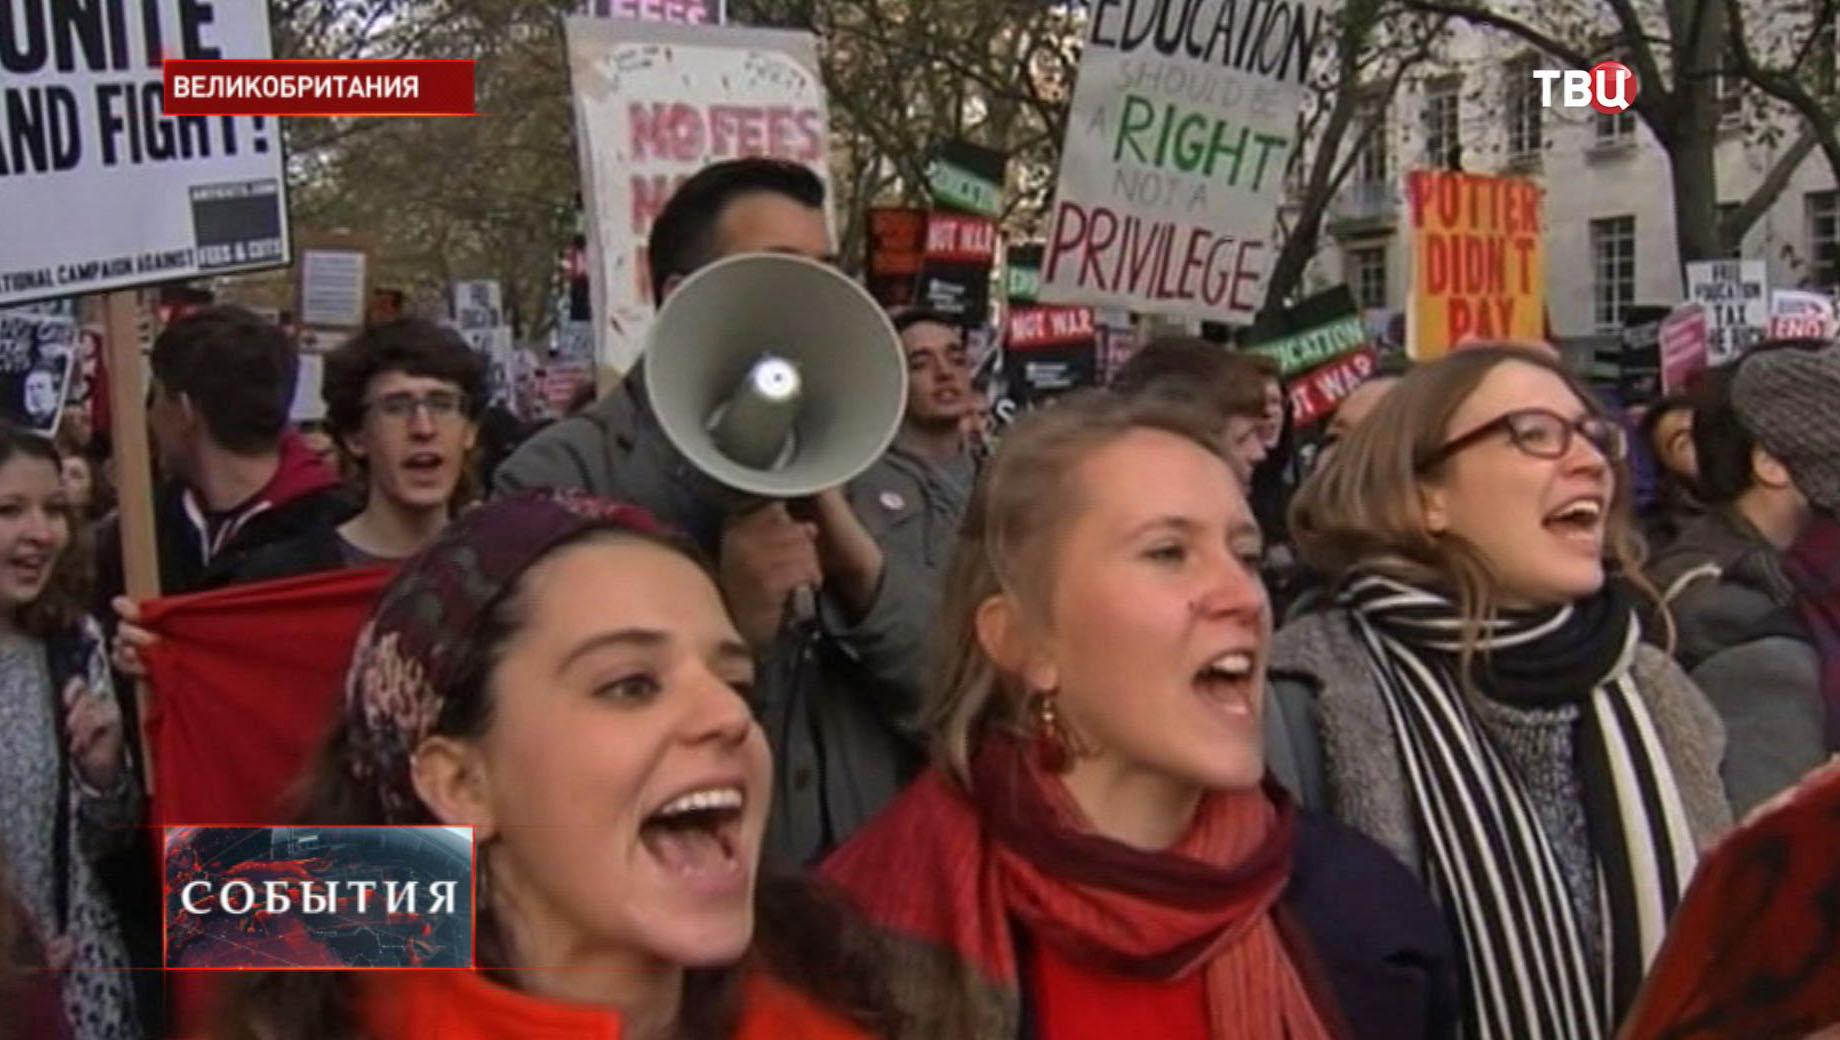 Студенческие протесты в Великобритании